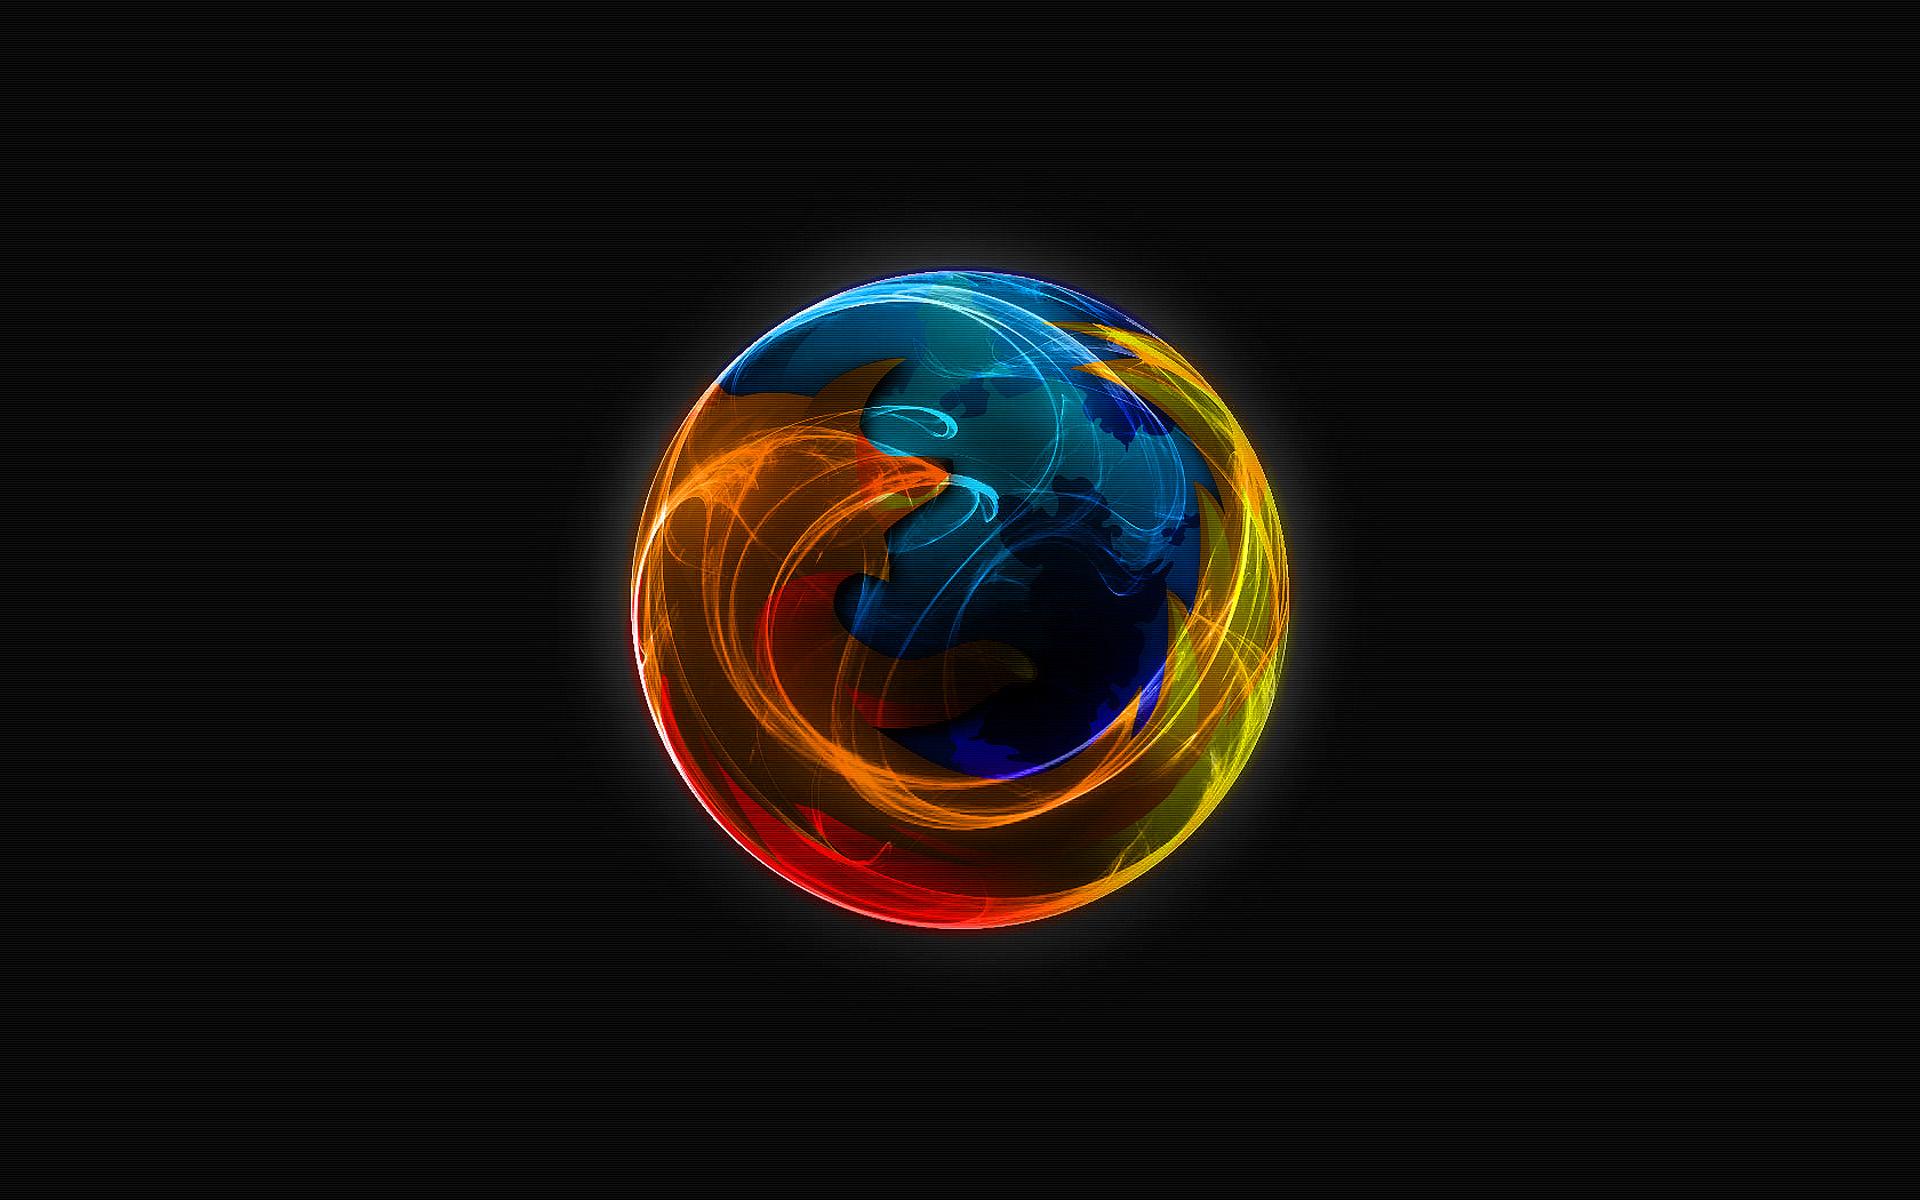 Firefox Mozilla Wallpaper Widescreen Original